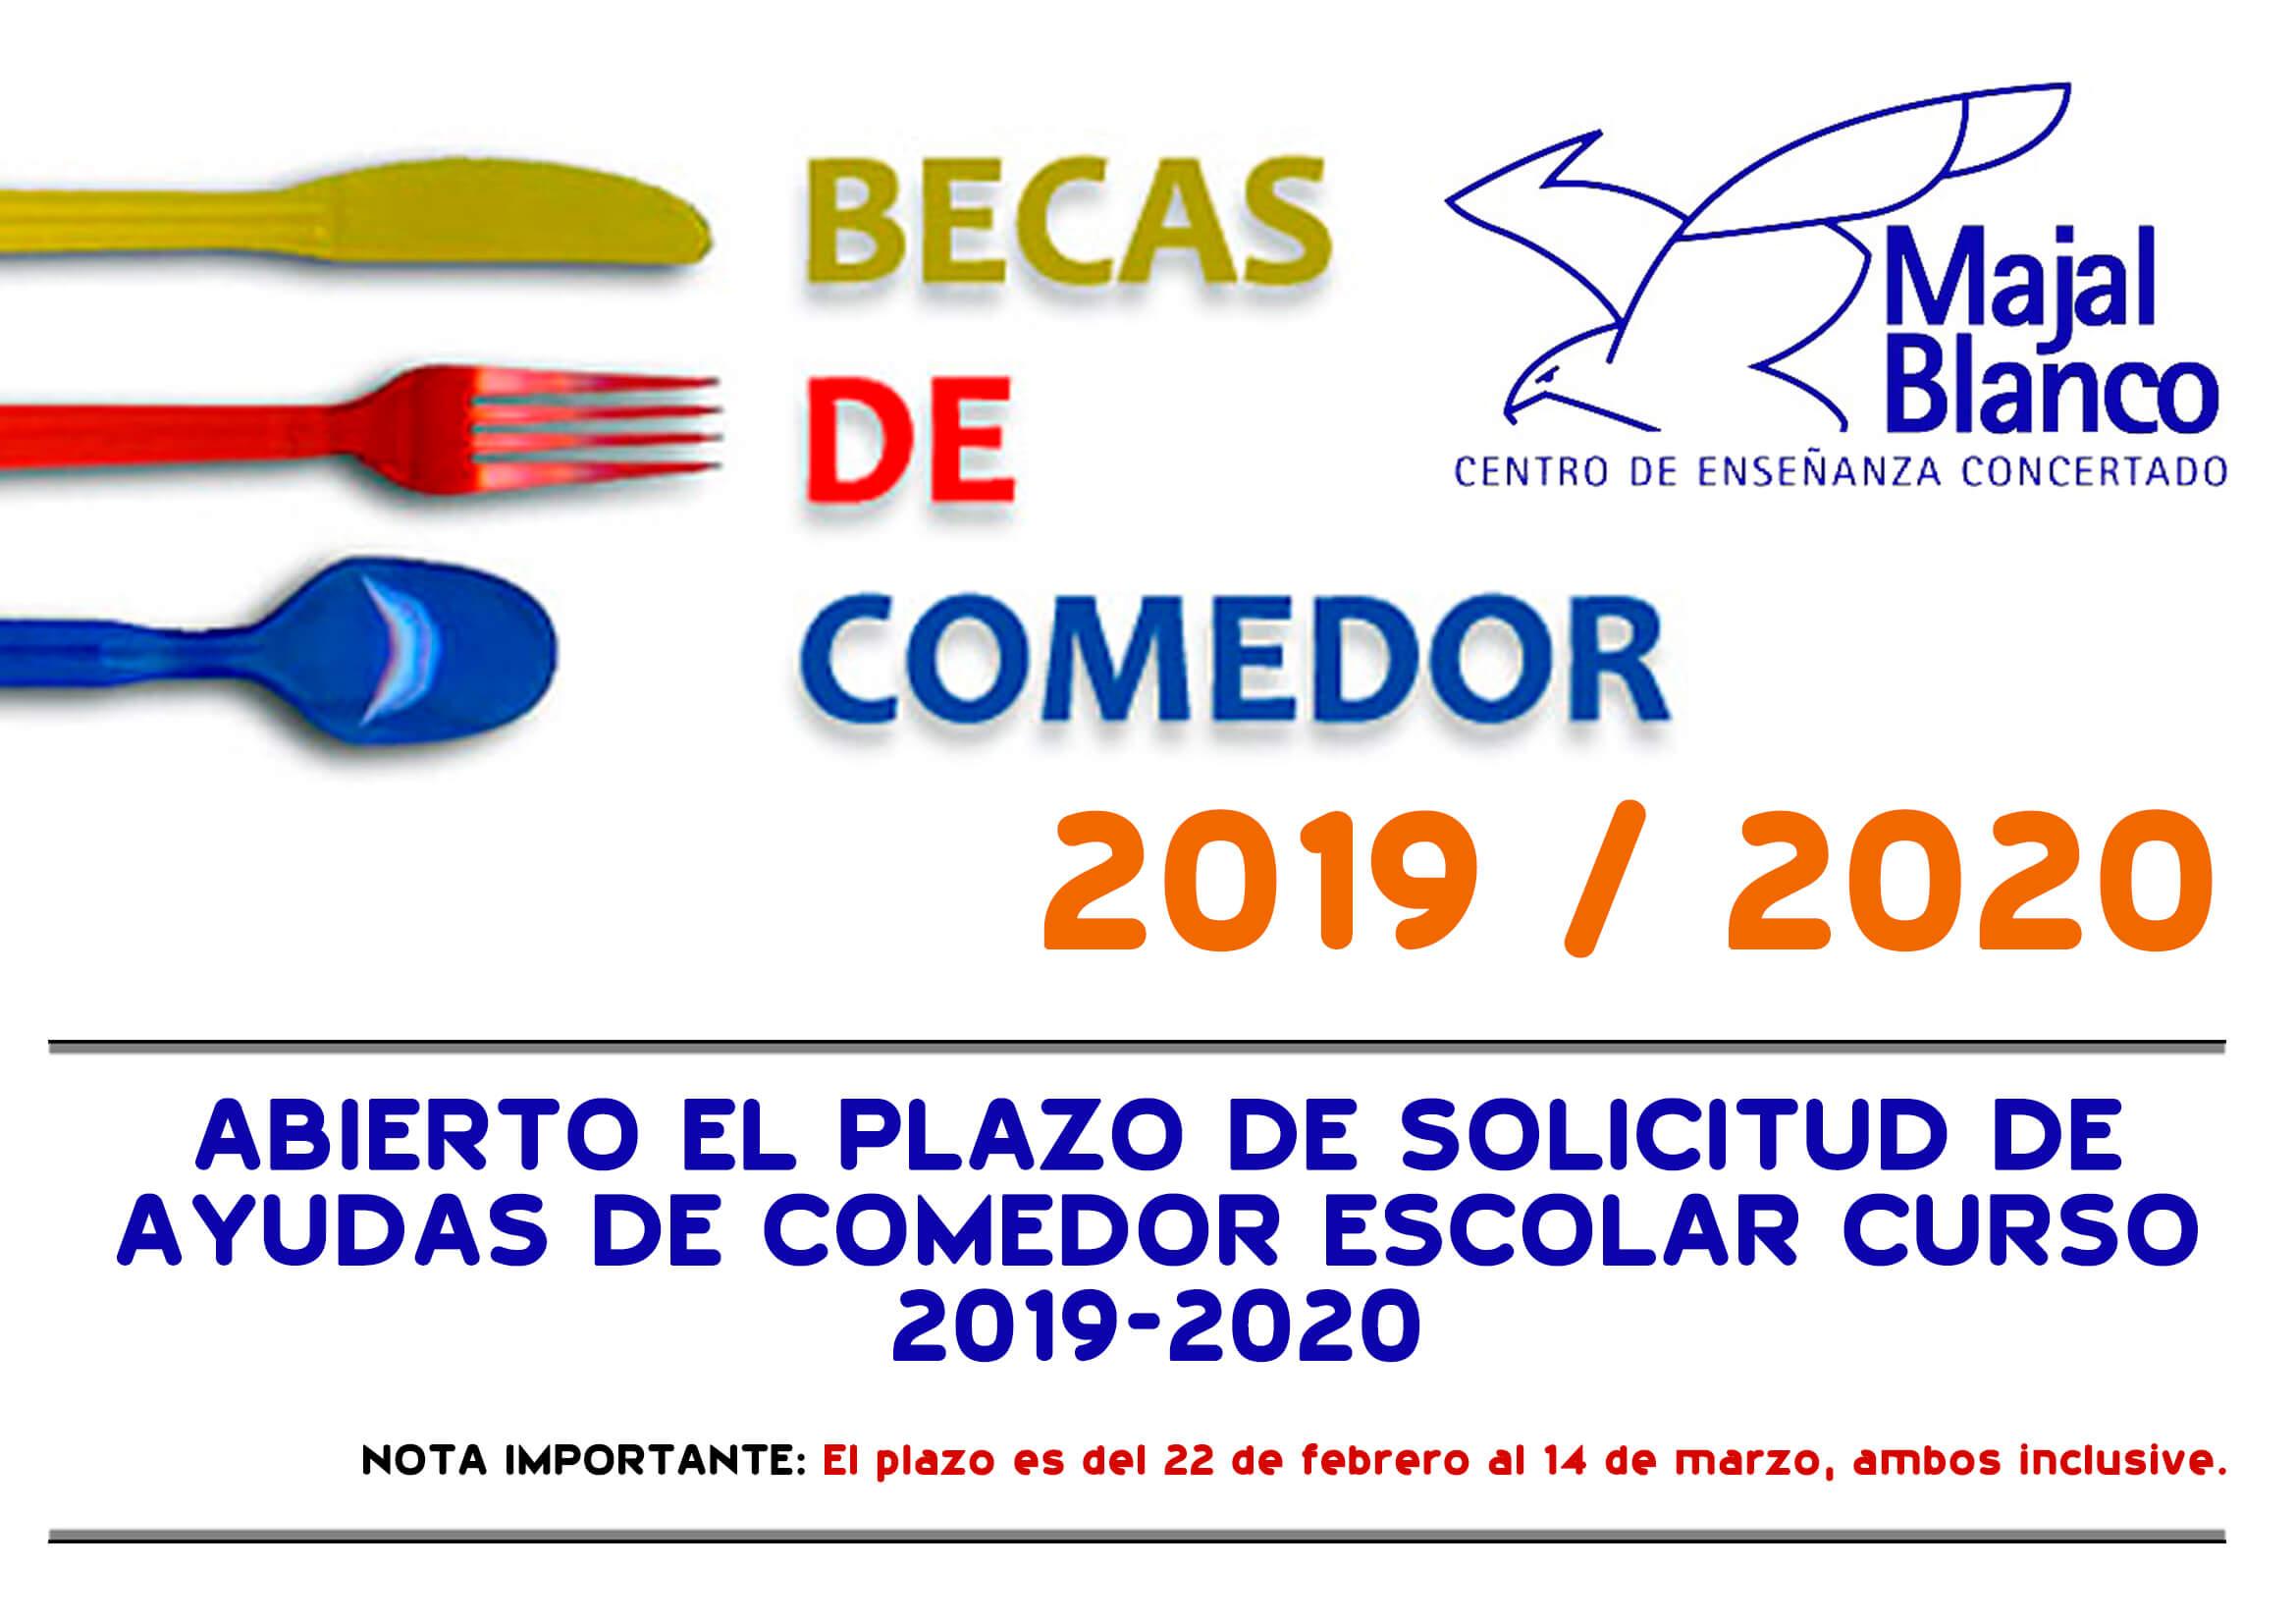 Becas-Comedor - Centro Concertado Majal Blanco